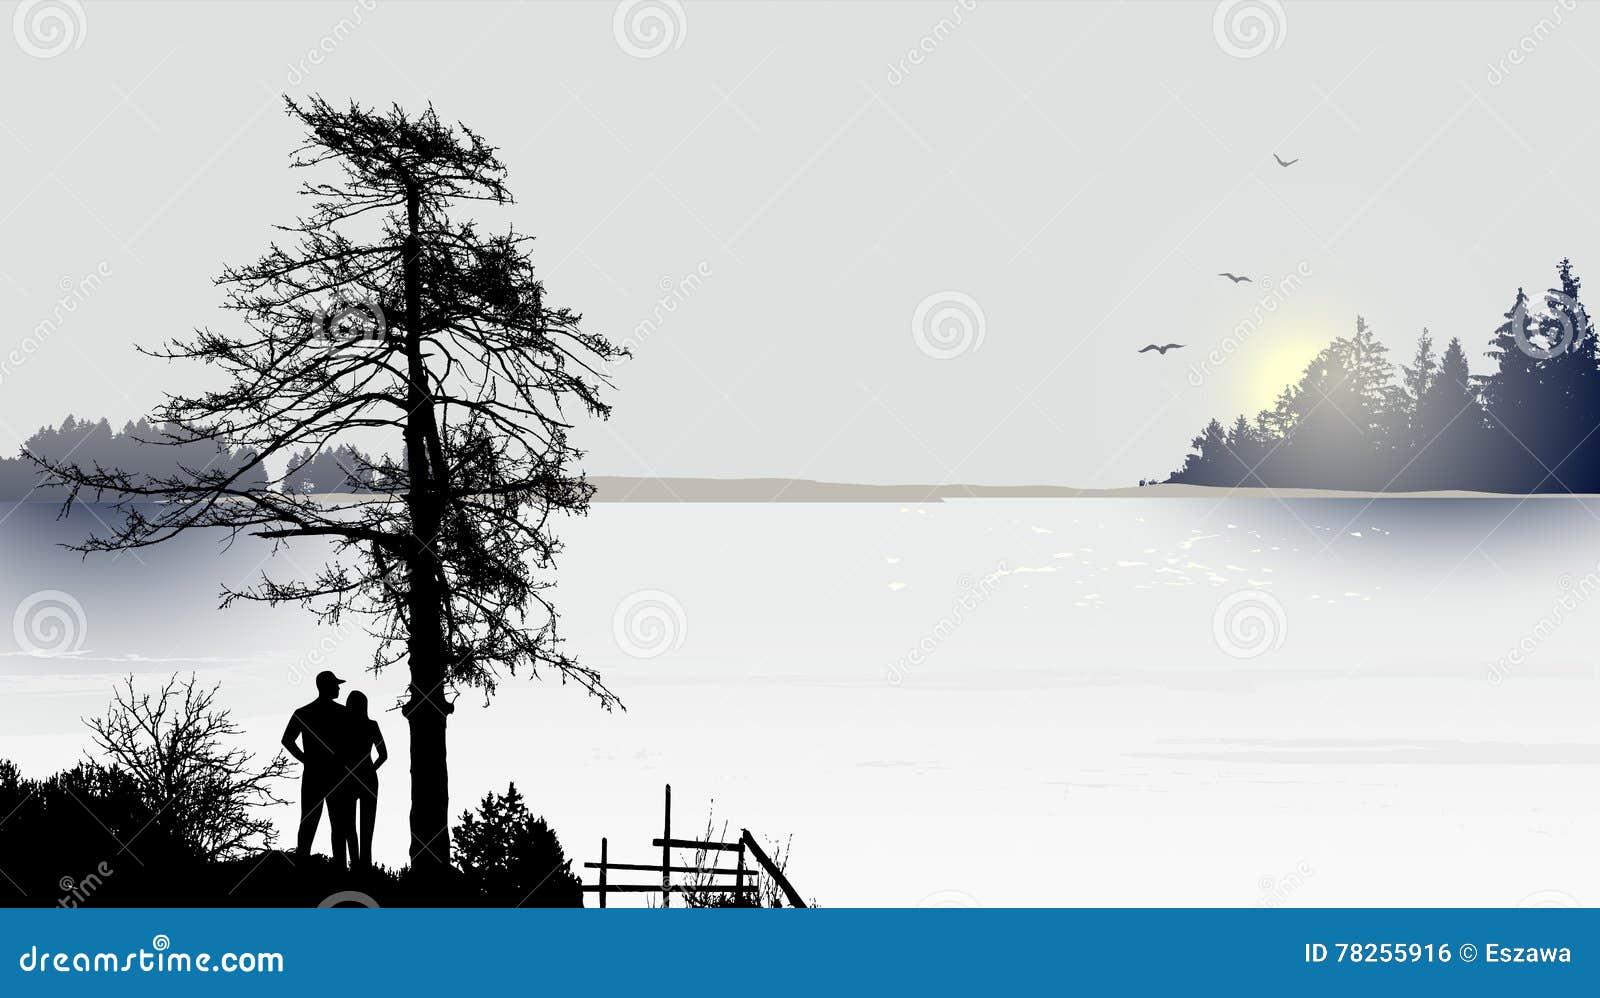 Ανατολή ή ηλιοβασίλεμα στη λίμνη και ένα ζεύγος